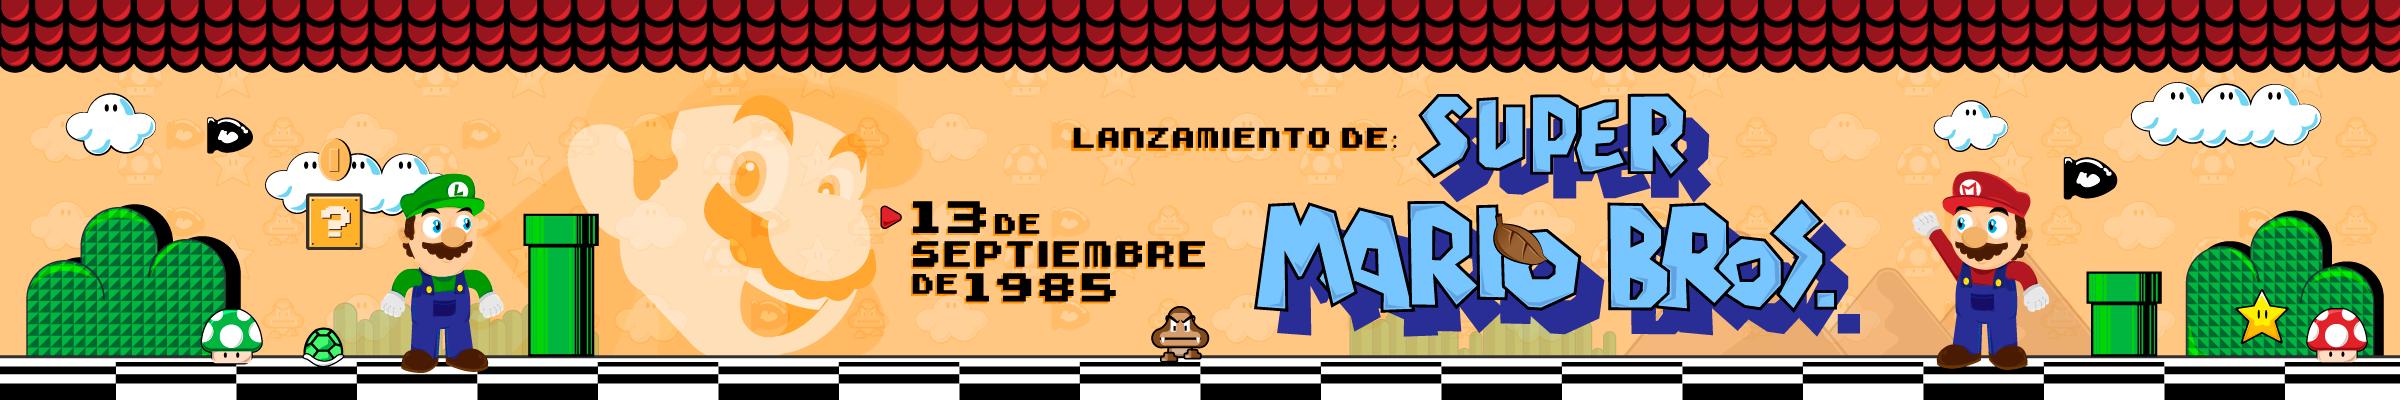 13 de septiembre de 1985 – Lanzamiento de Super Mario Bros.